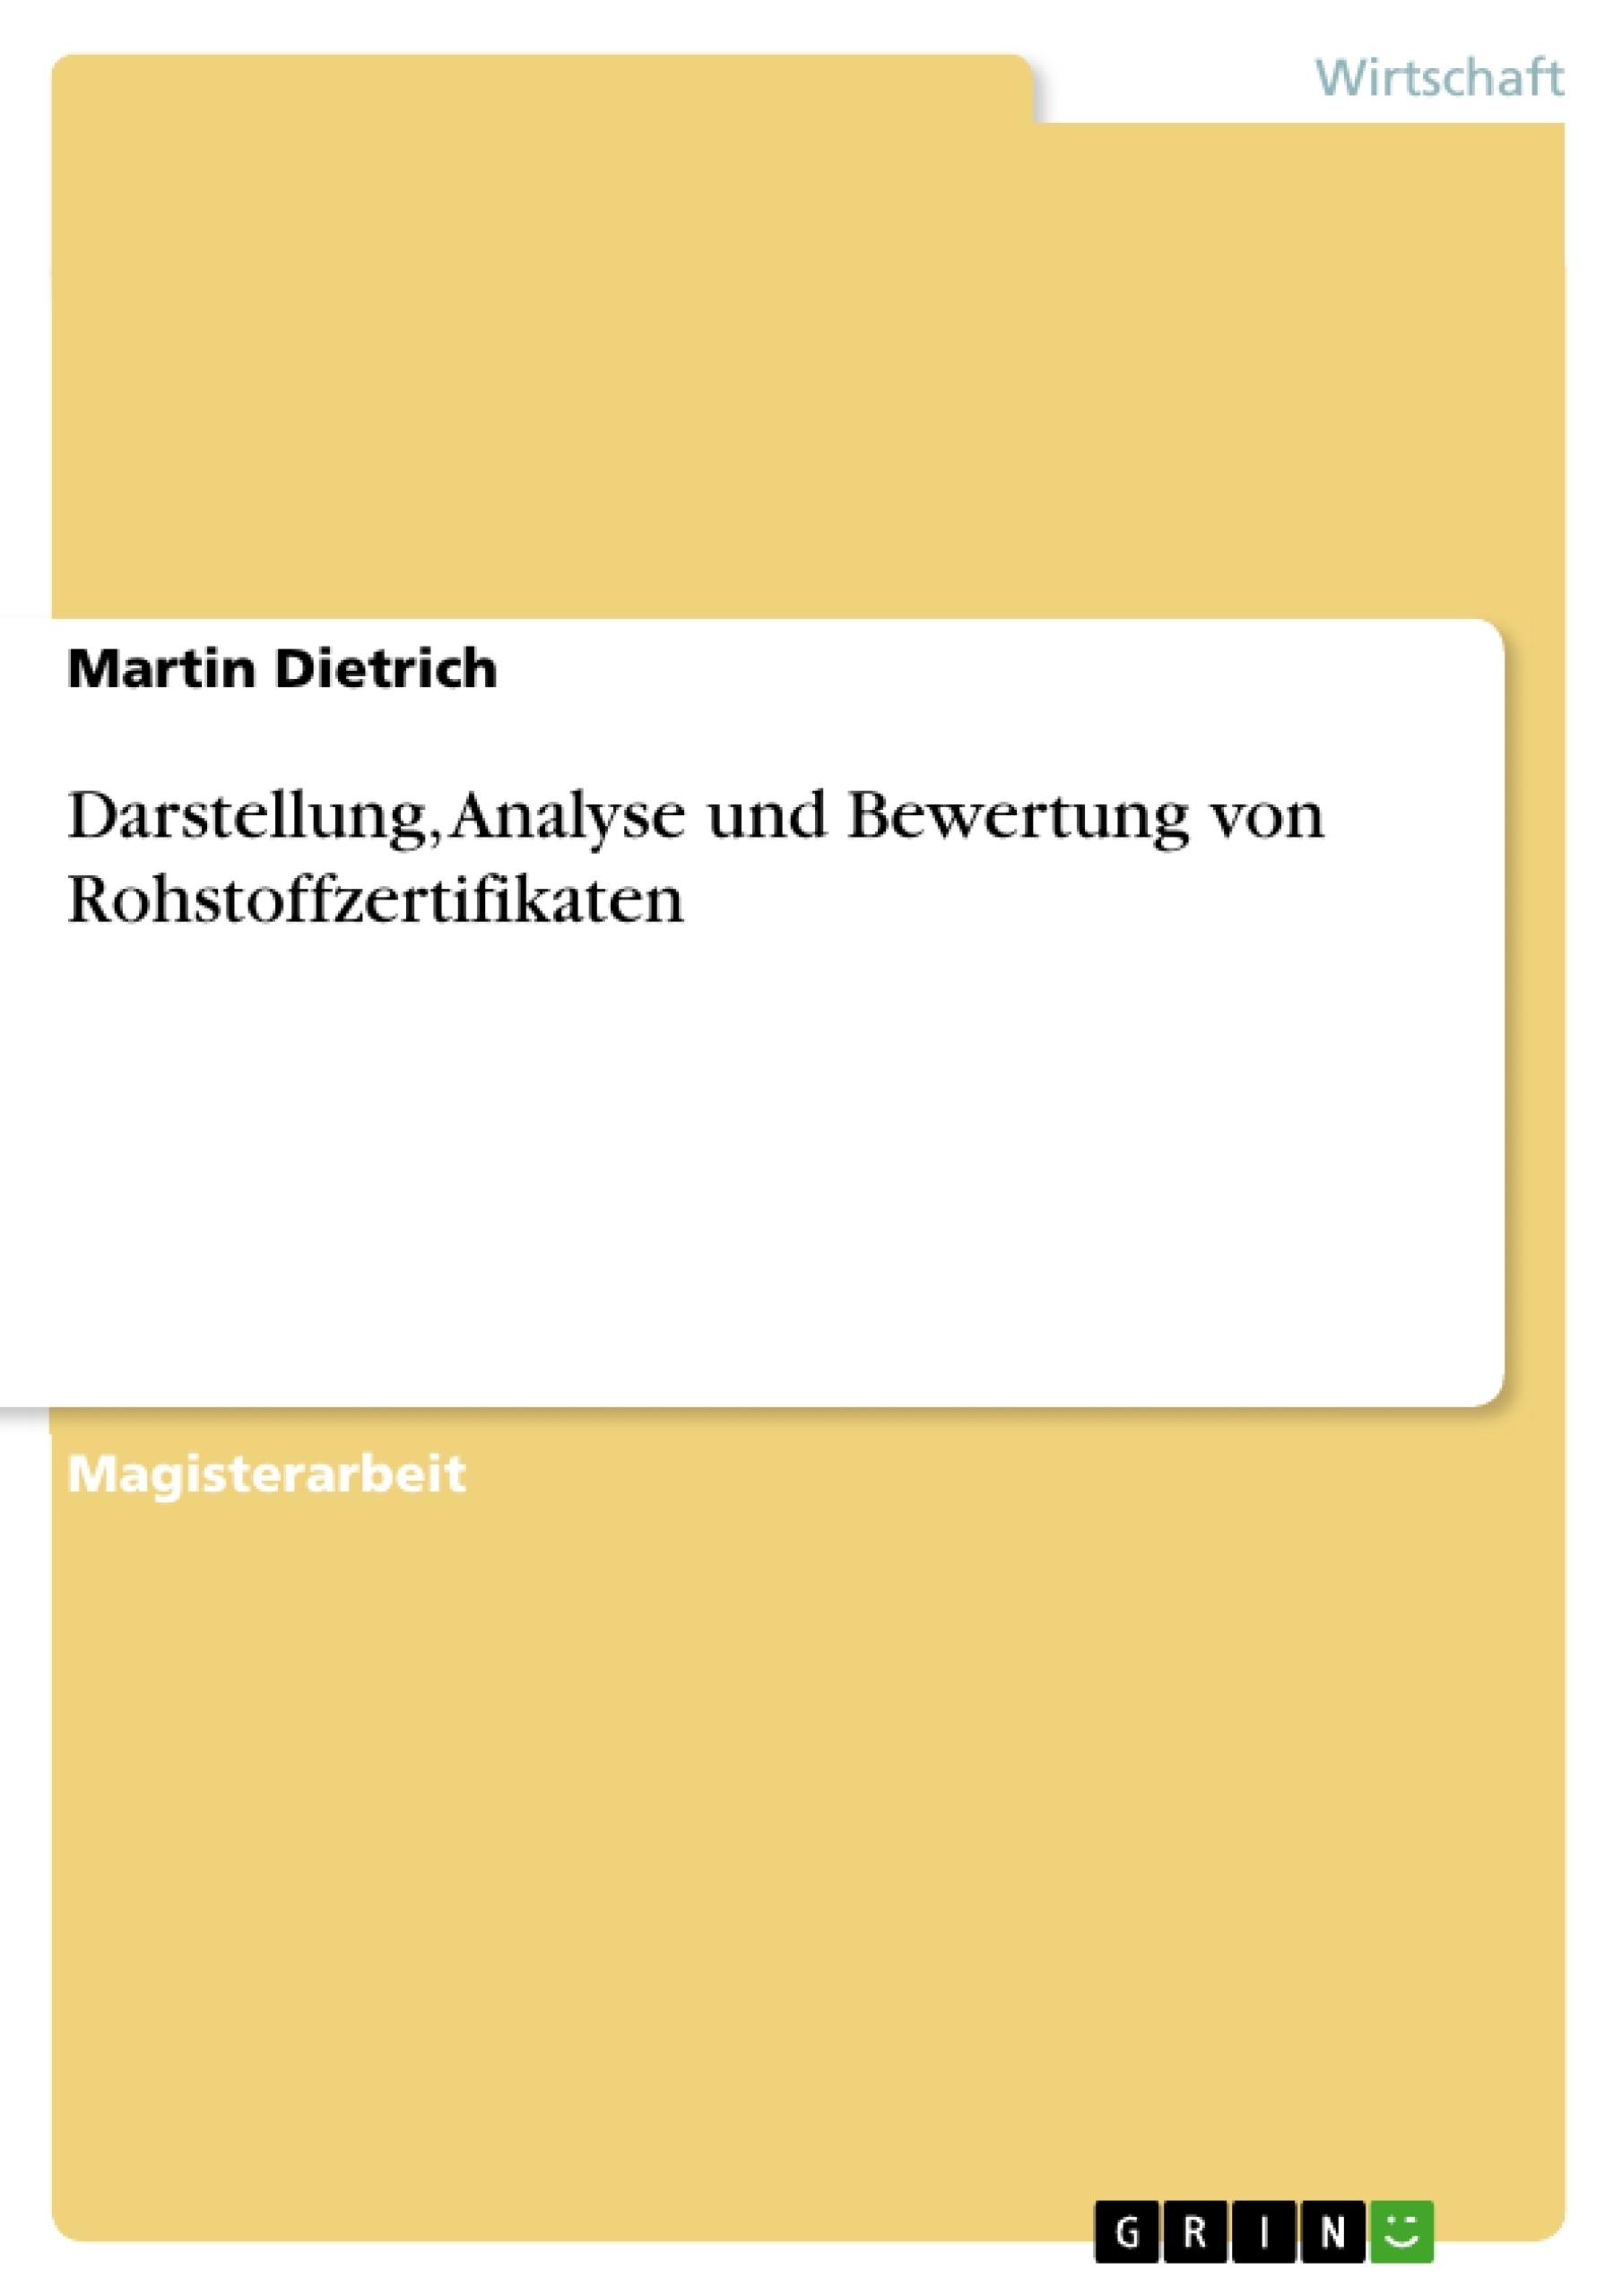 Titel: Darstellung, Analyse und Bewertung von Rohstoffzertifikaten